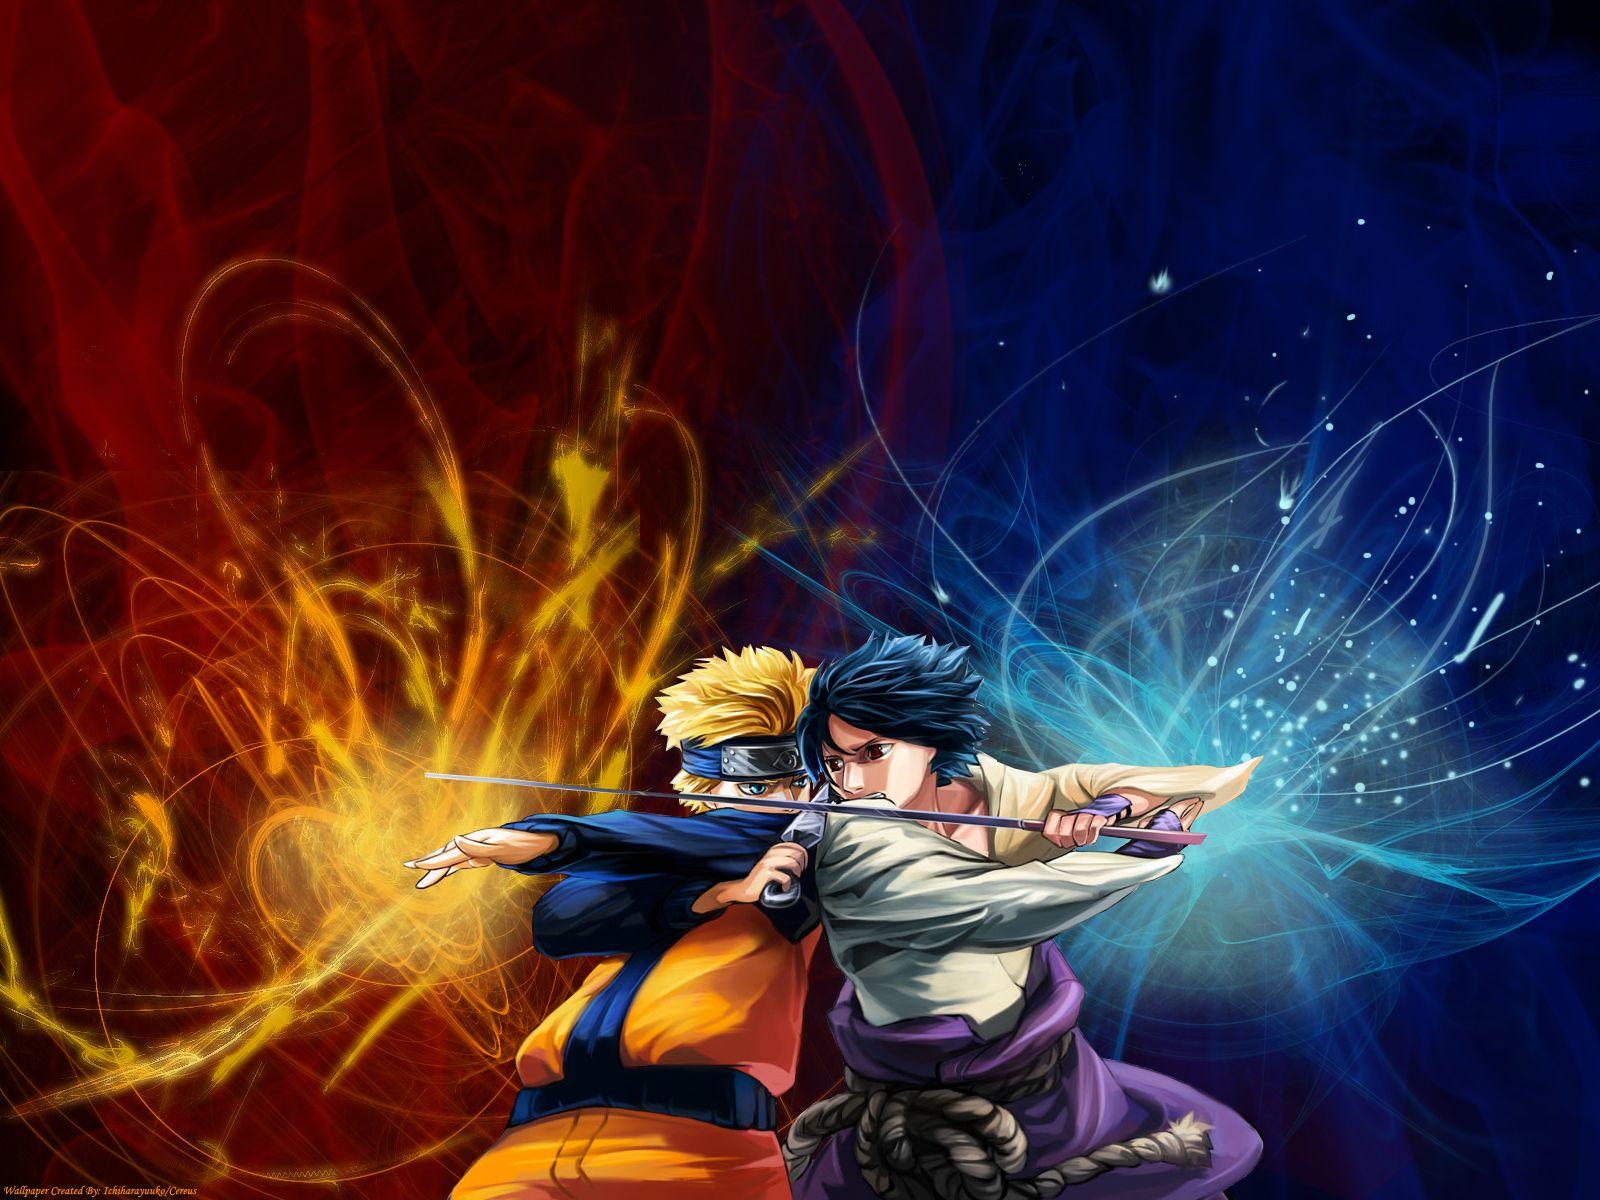 Citroen Akatsuki Fondos de Naruto